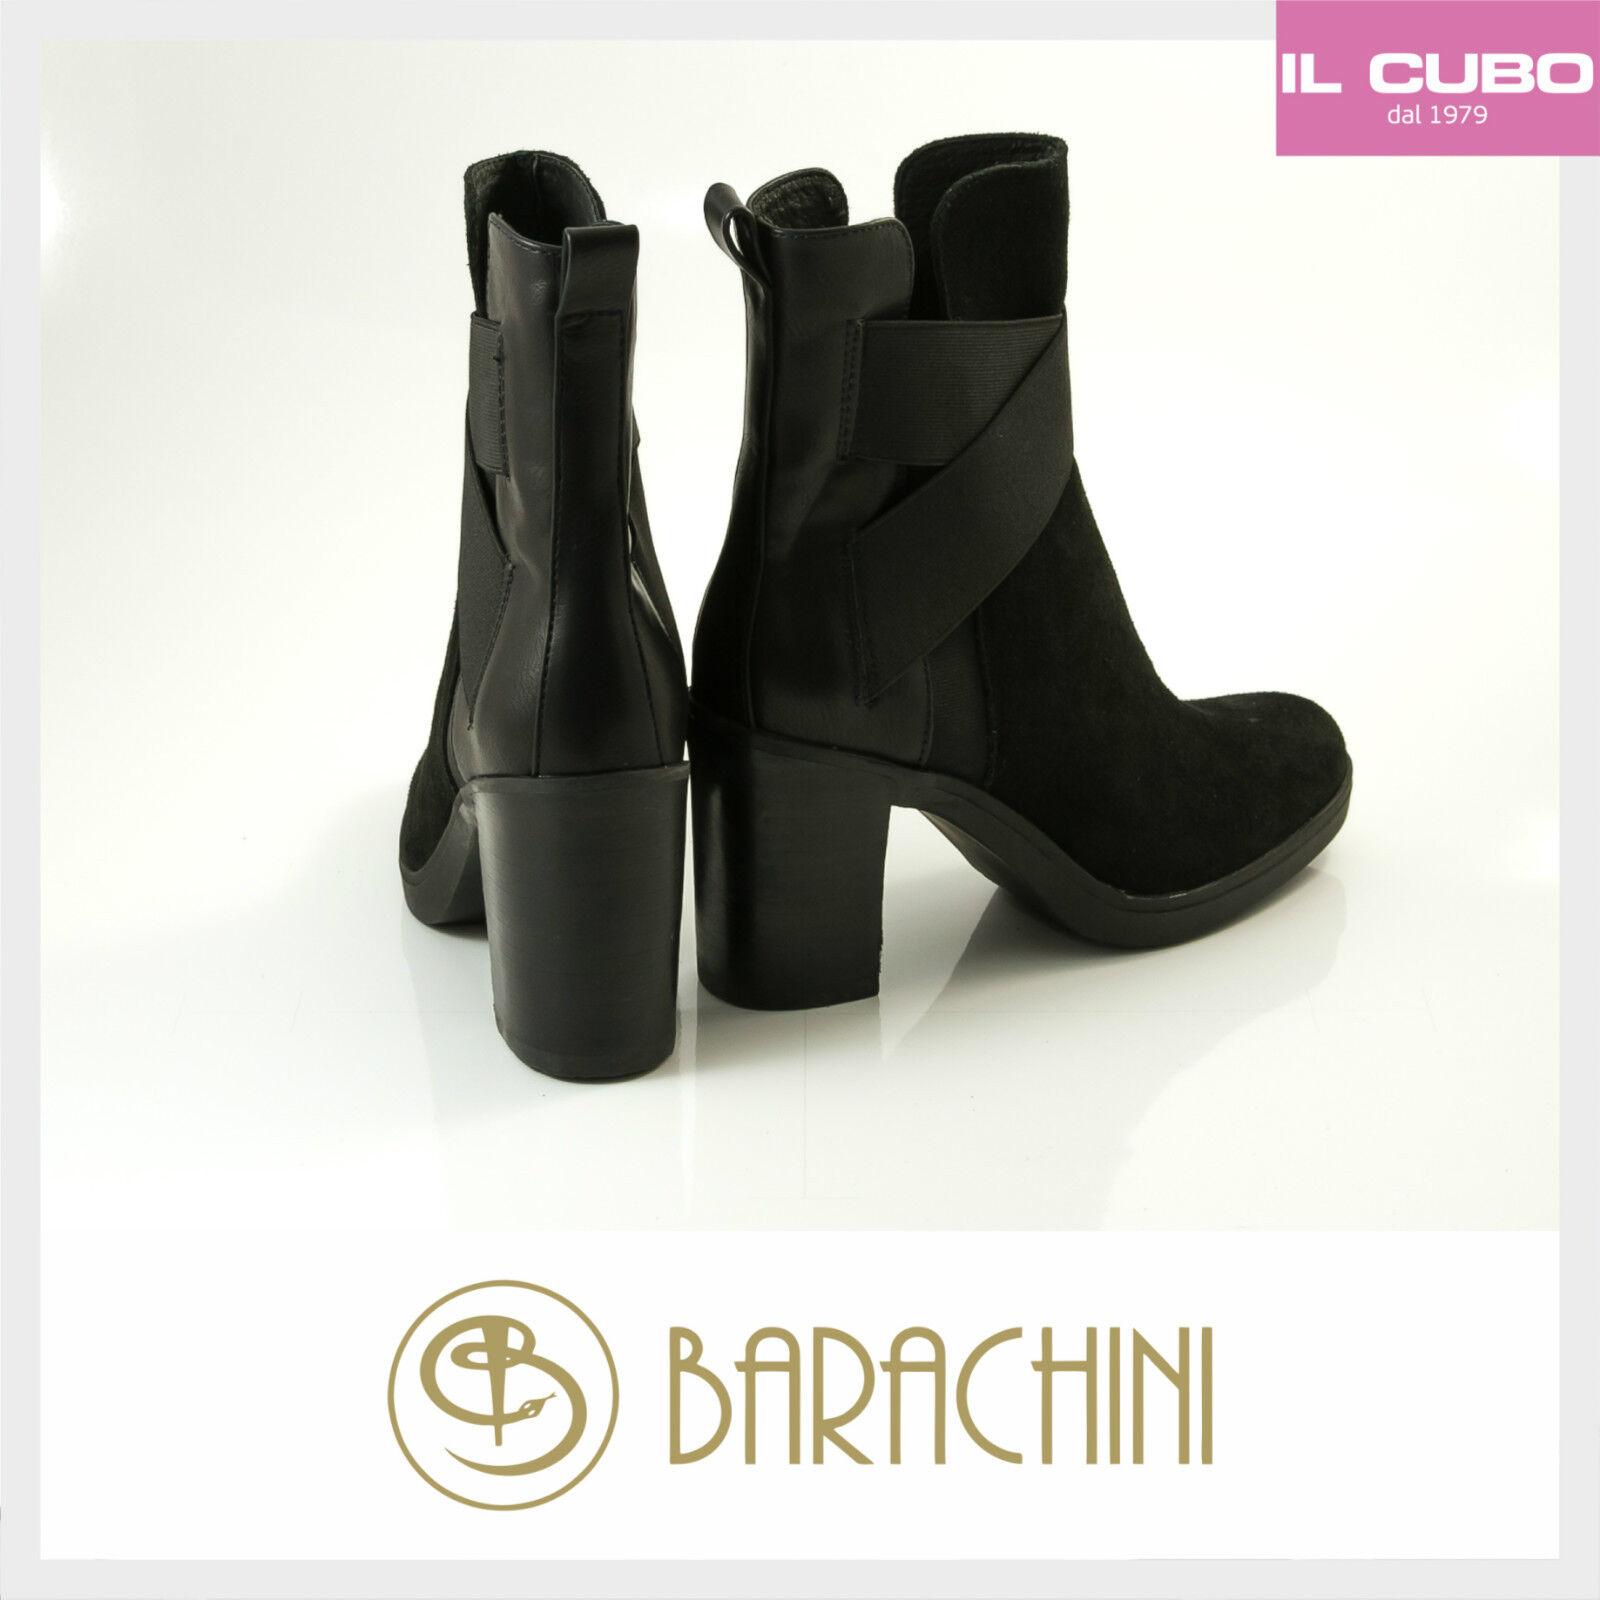 STIVALETTO Damens LUCIANO BARACHINI COLORE NERO TACCO H 8,5 CM MADE IN ITALY